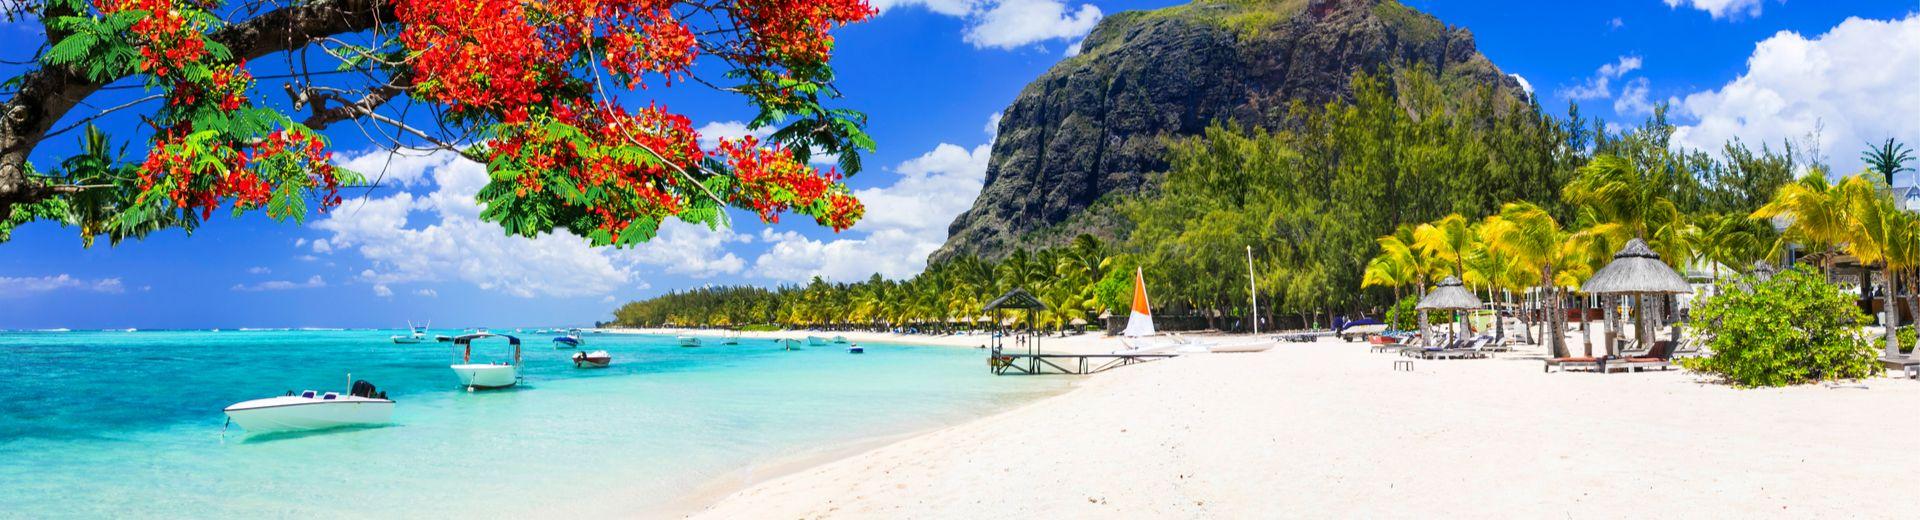 5-Sterne Urlaub im Paradies auf Mauritius